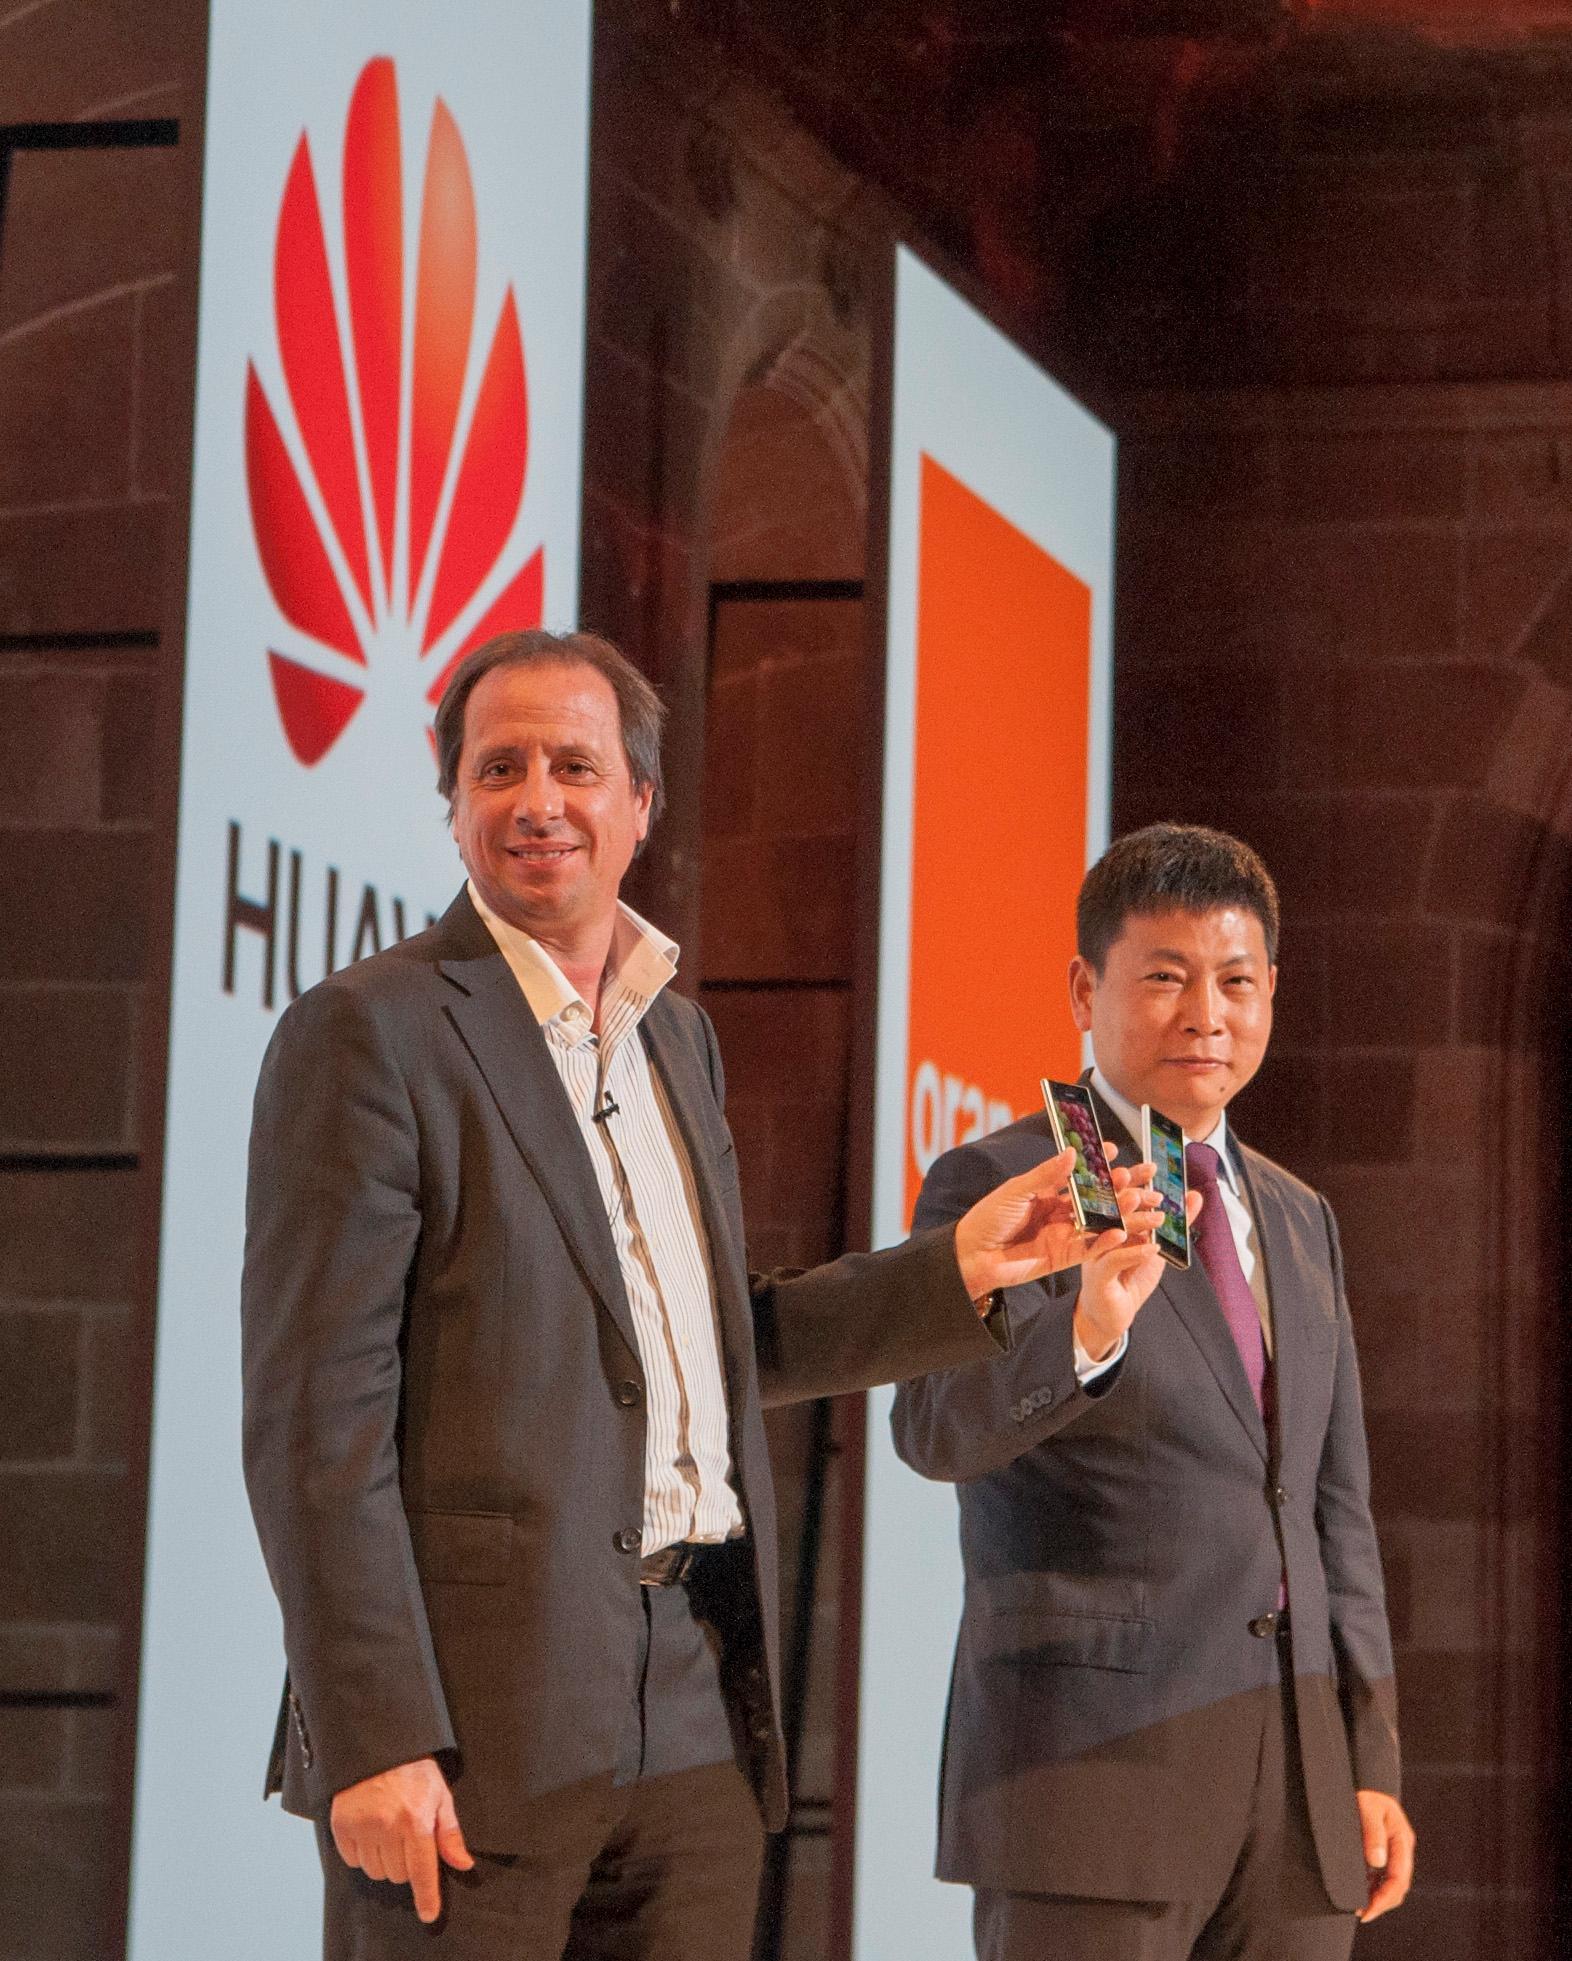 Sjefene for Huawei og operatøren Orange viser frem den nye telefonen.Foto: Finn Jarle Kvalheim, Amobil.no